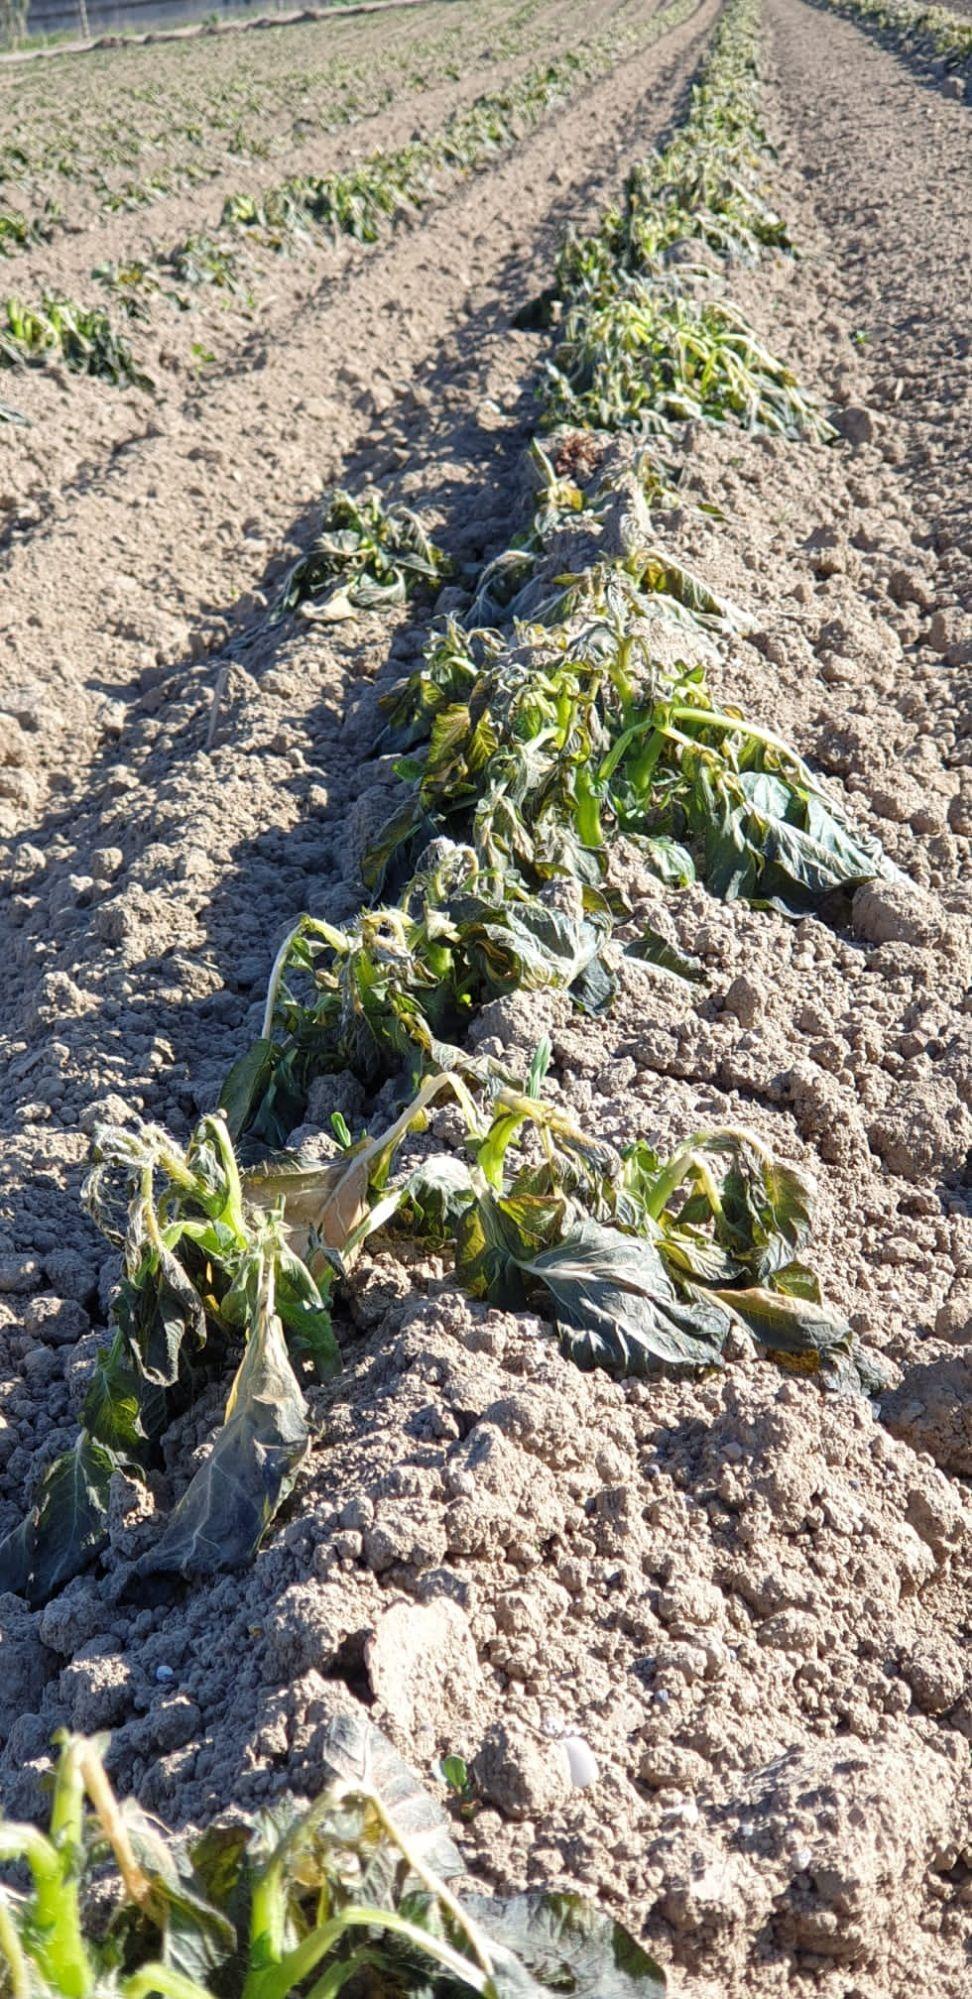 Freddo e gelate, i danni all'agricoltura. L'analisi della Federazione Agronomi Campania